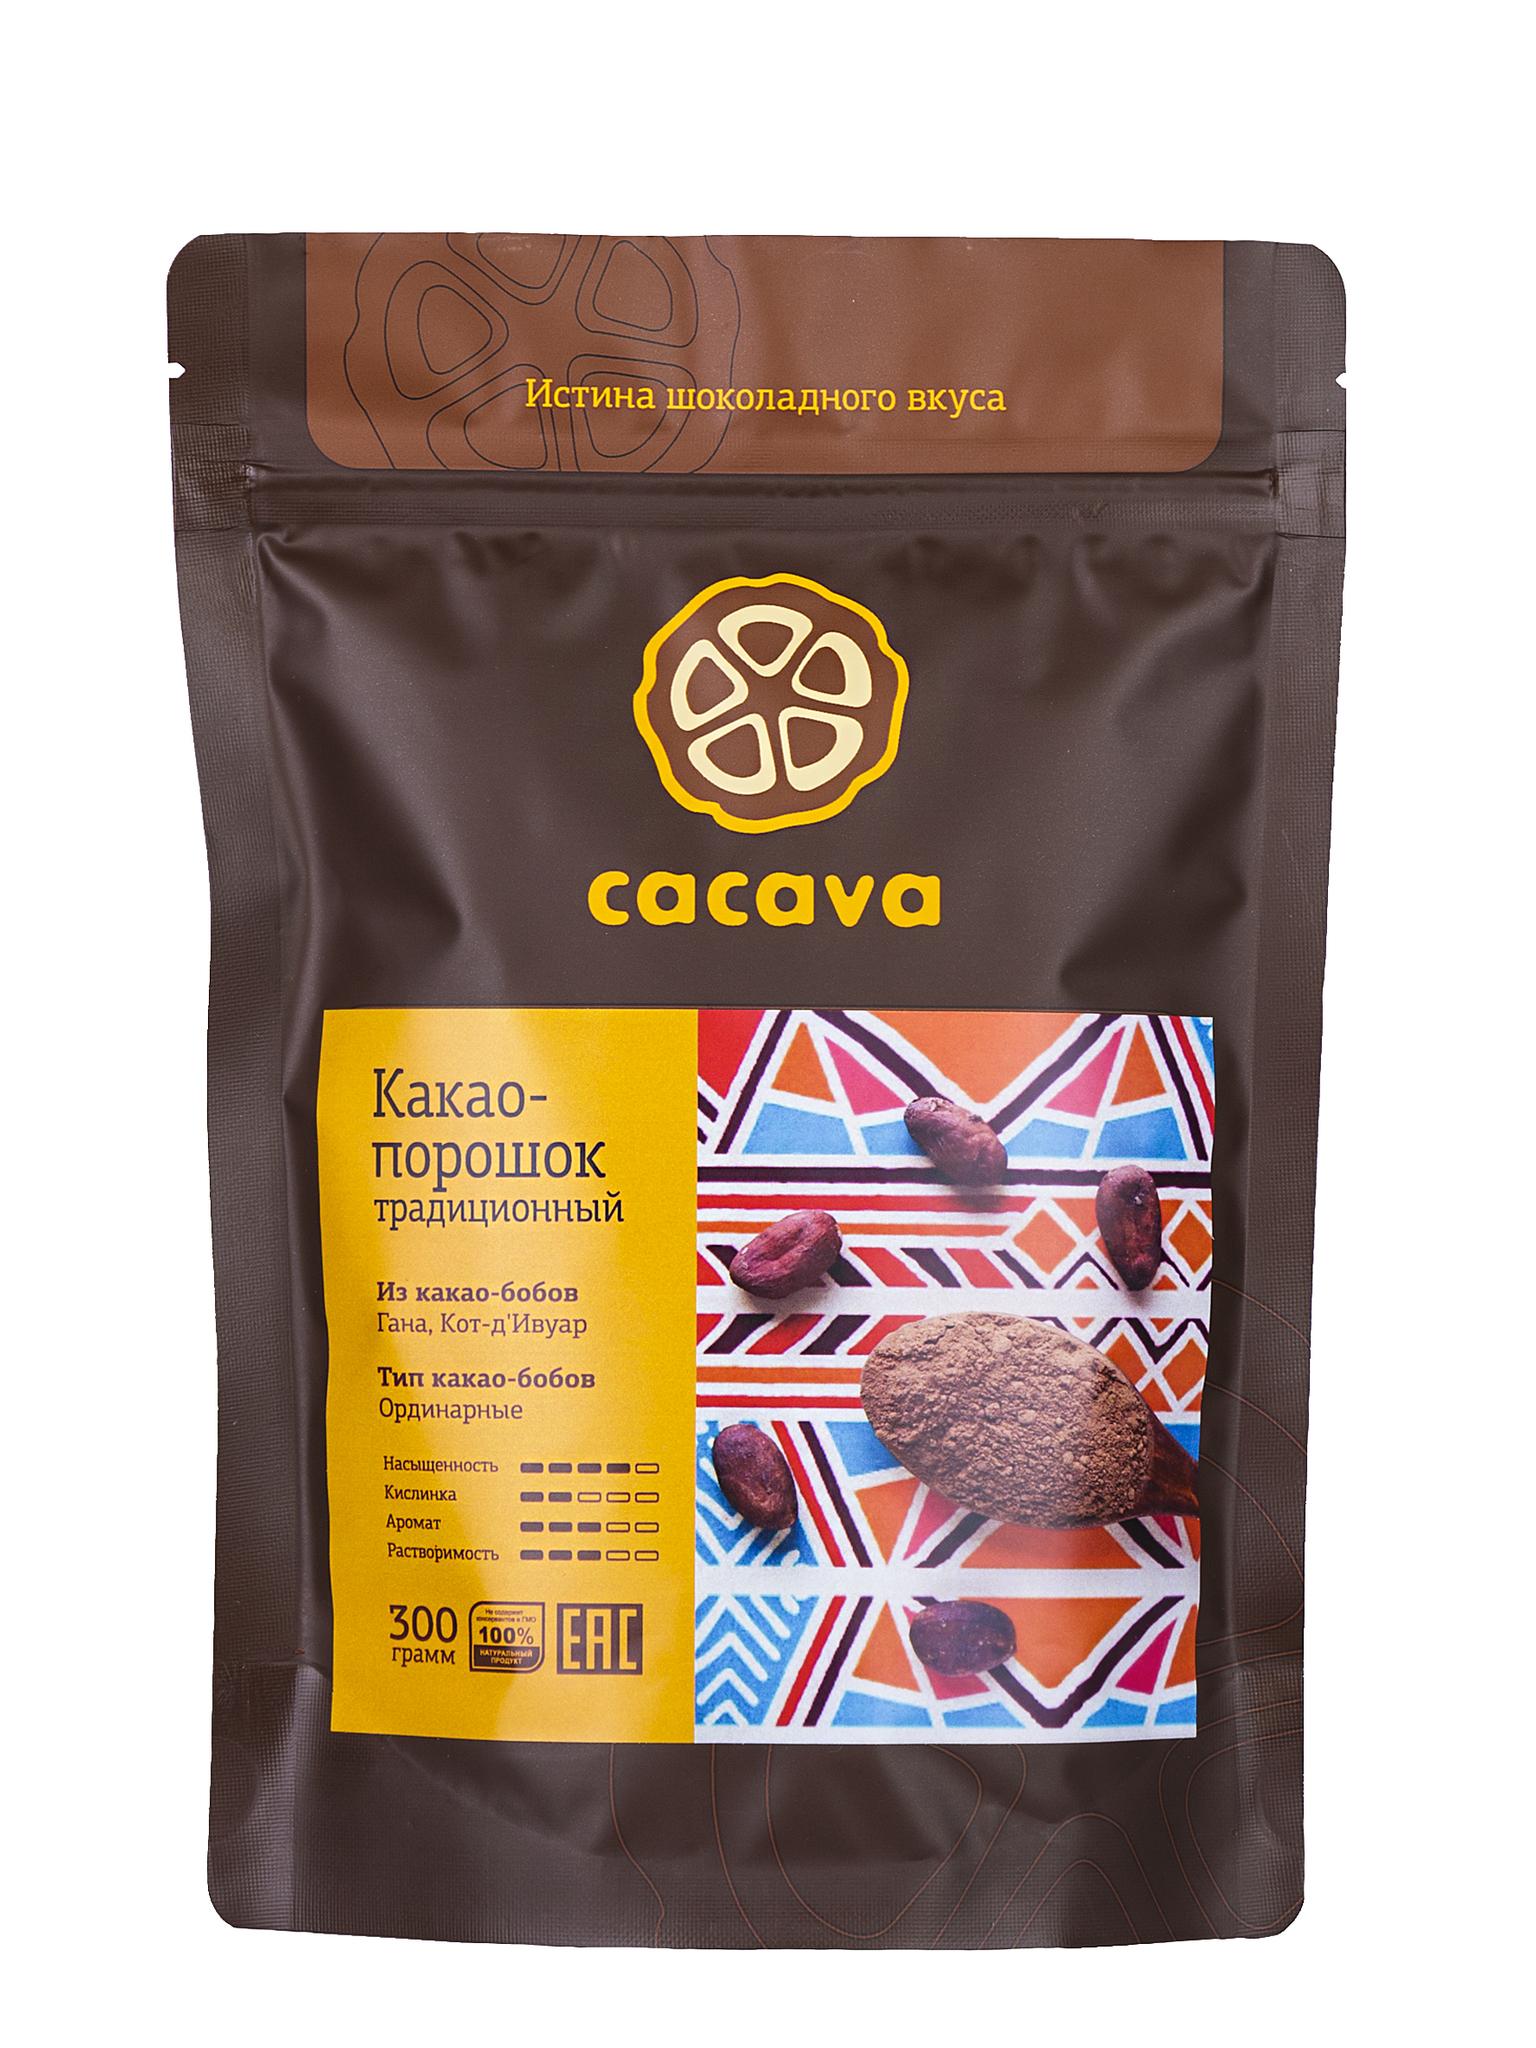 Какао-порошок Традиционный, упаковка 300 грамм